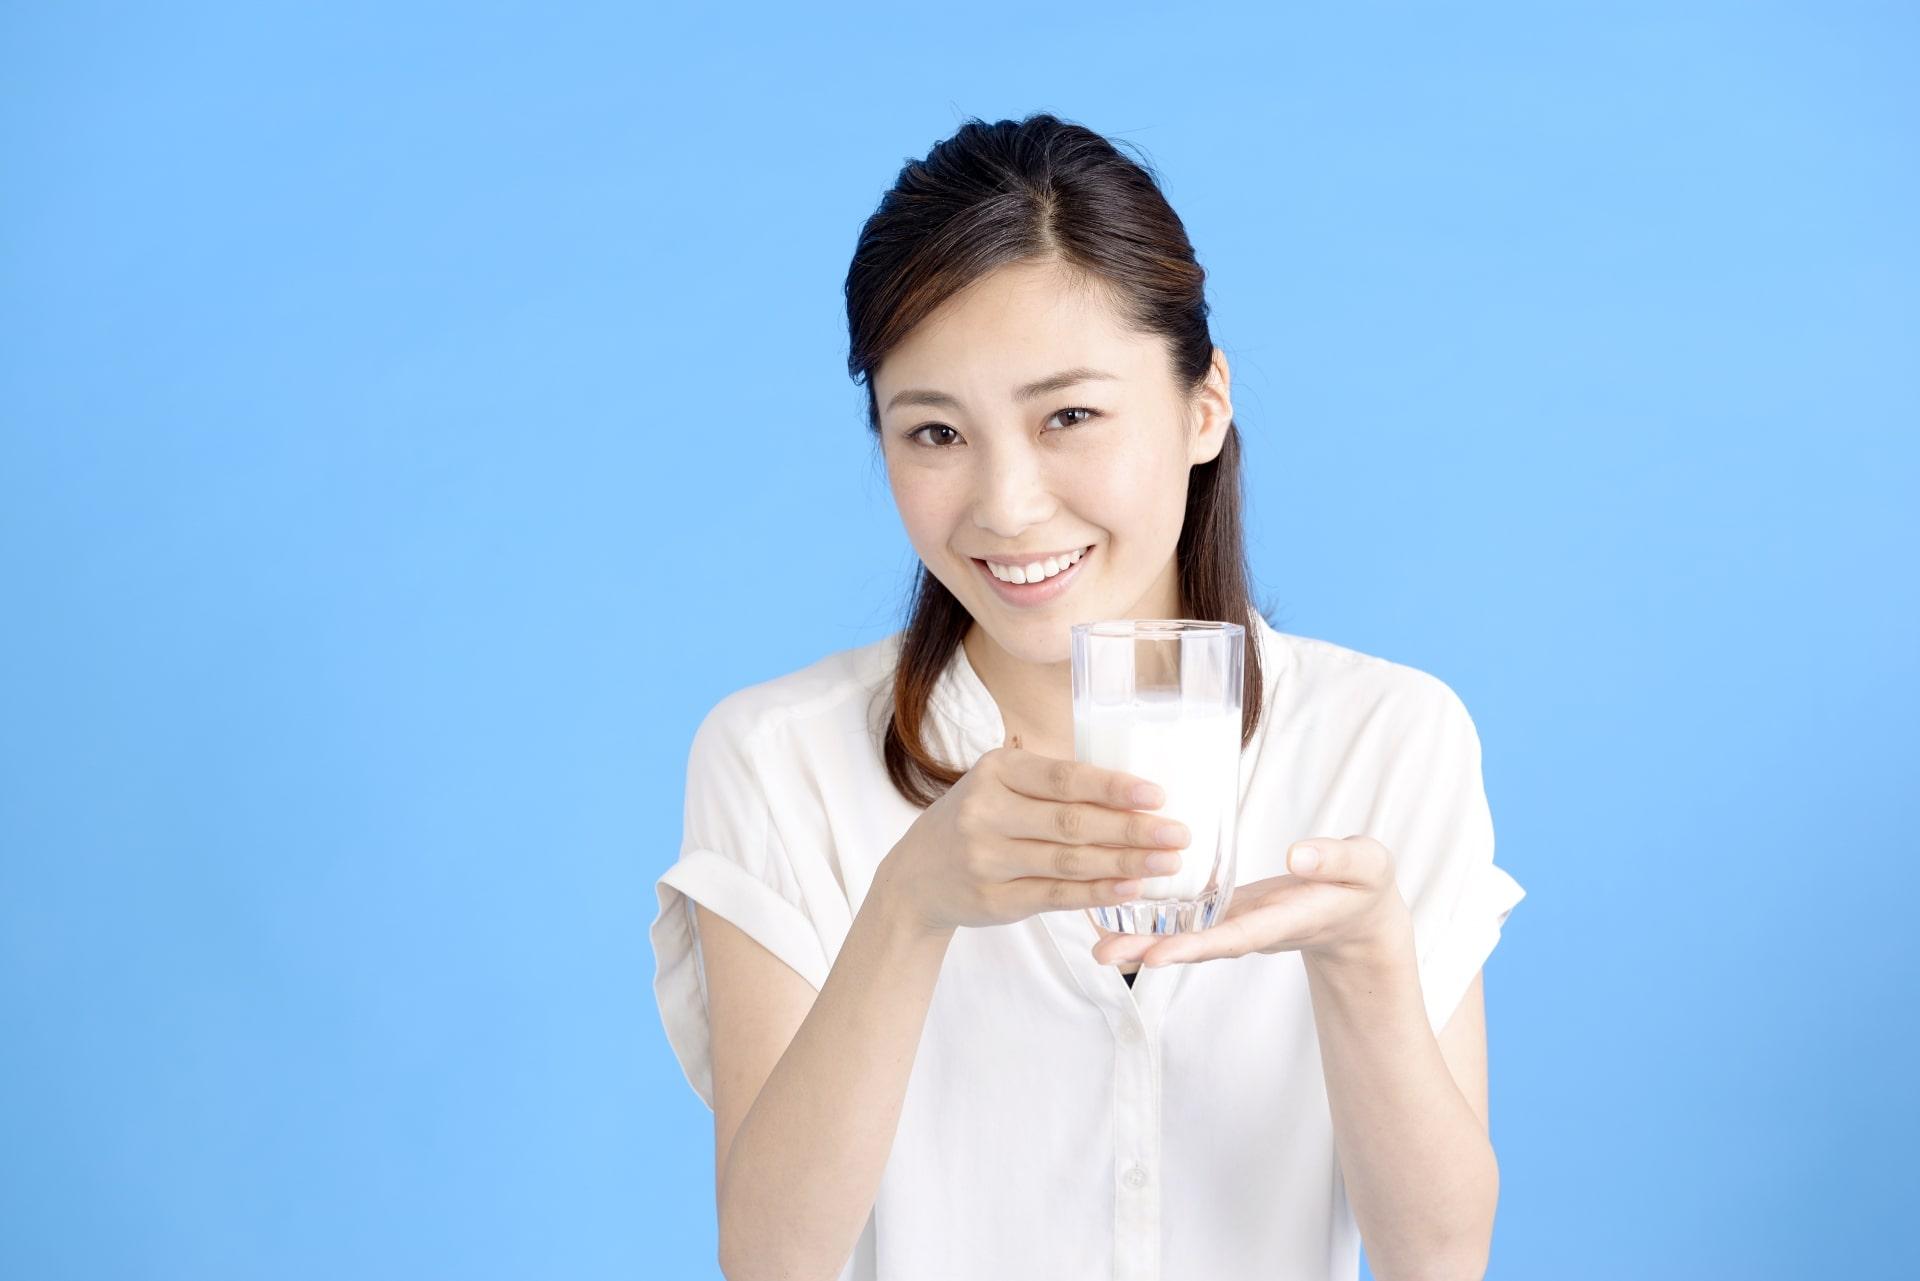 牛乳を勧める女性